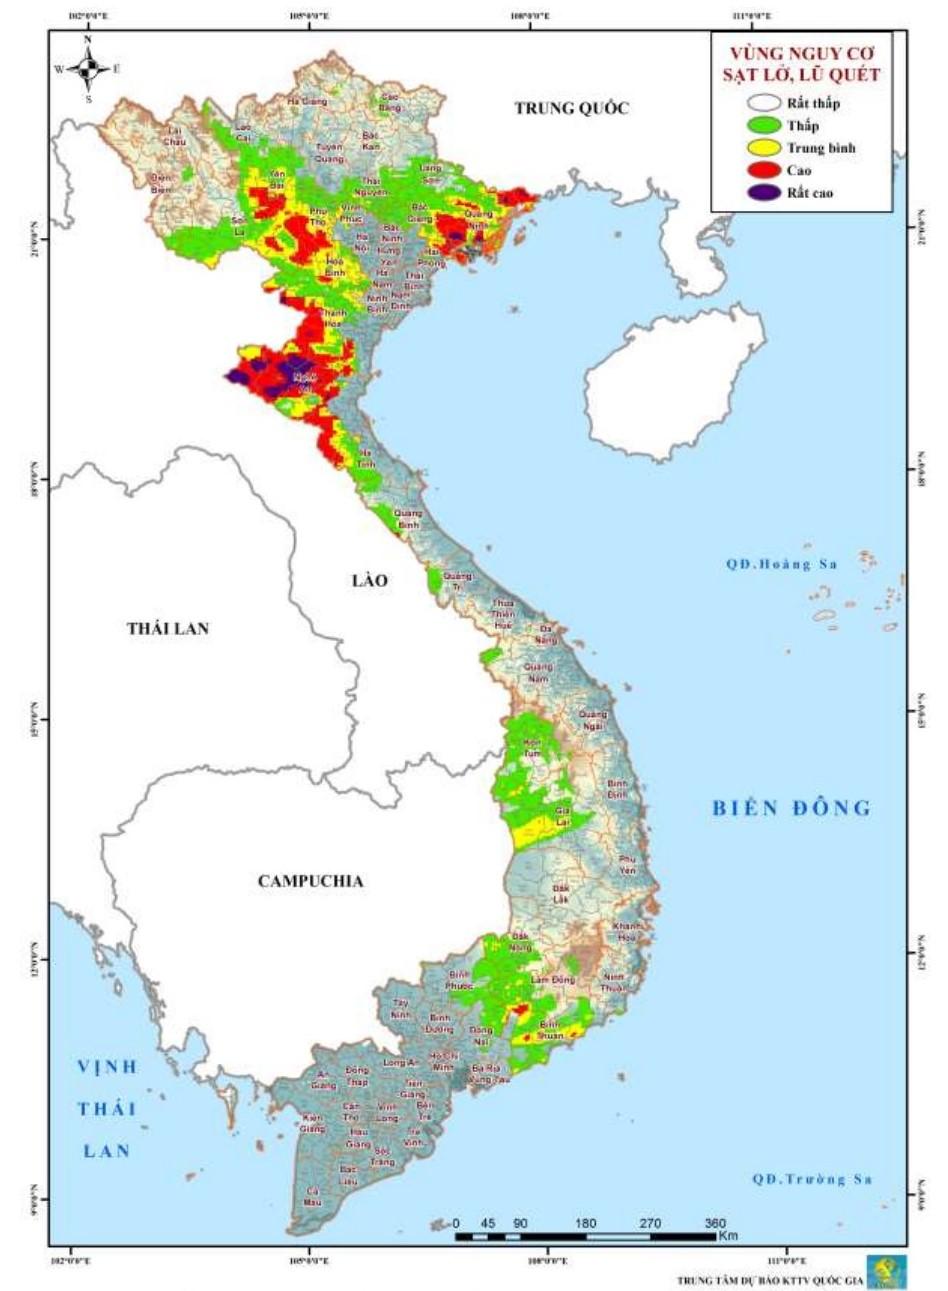 Cảnh báo lũ quét, sạt lở đất và ngập úng tại nhiều tỉnh thành trên cả nước-1